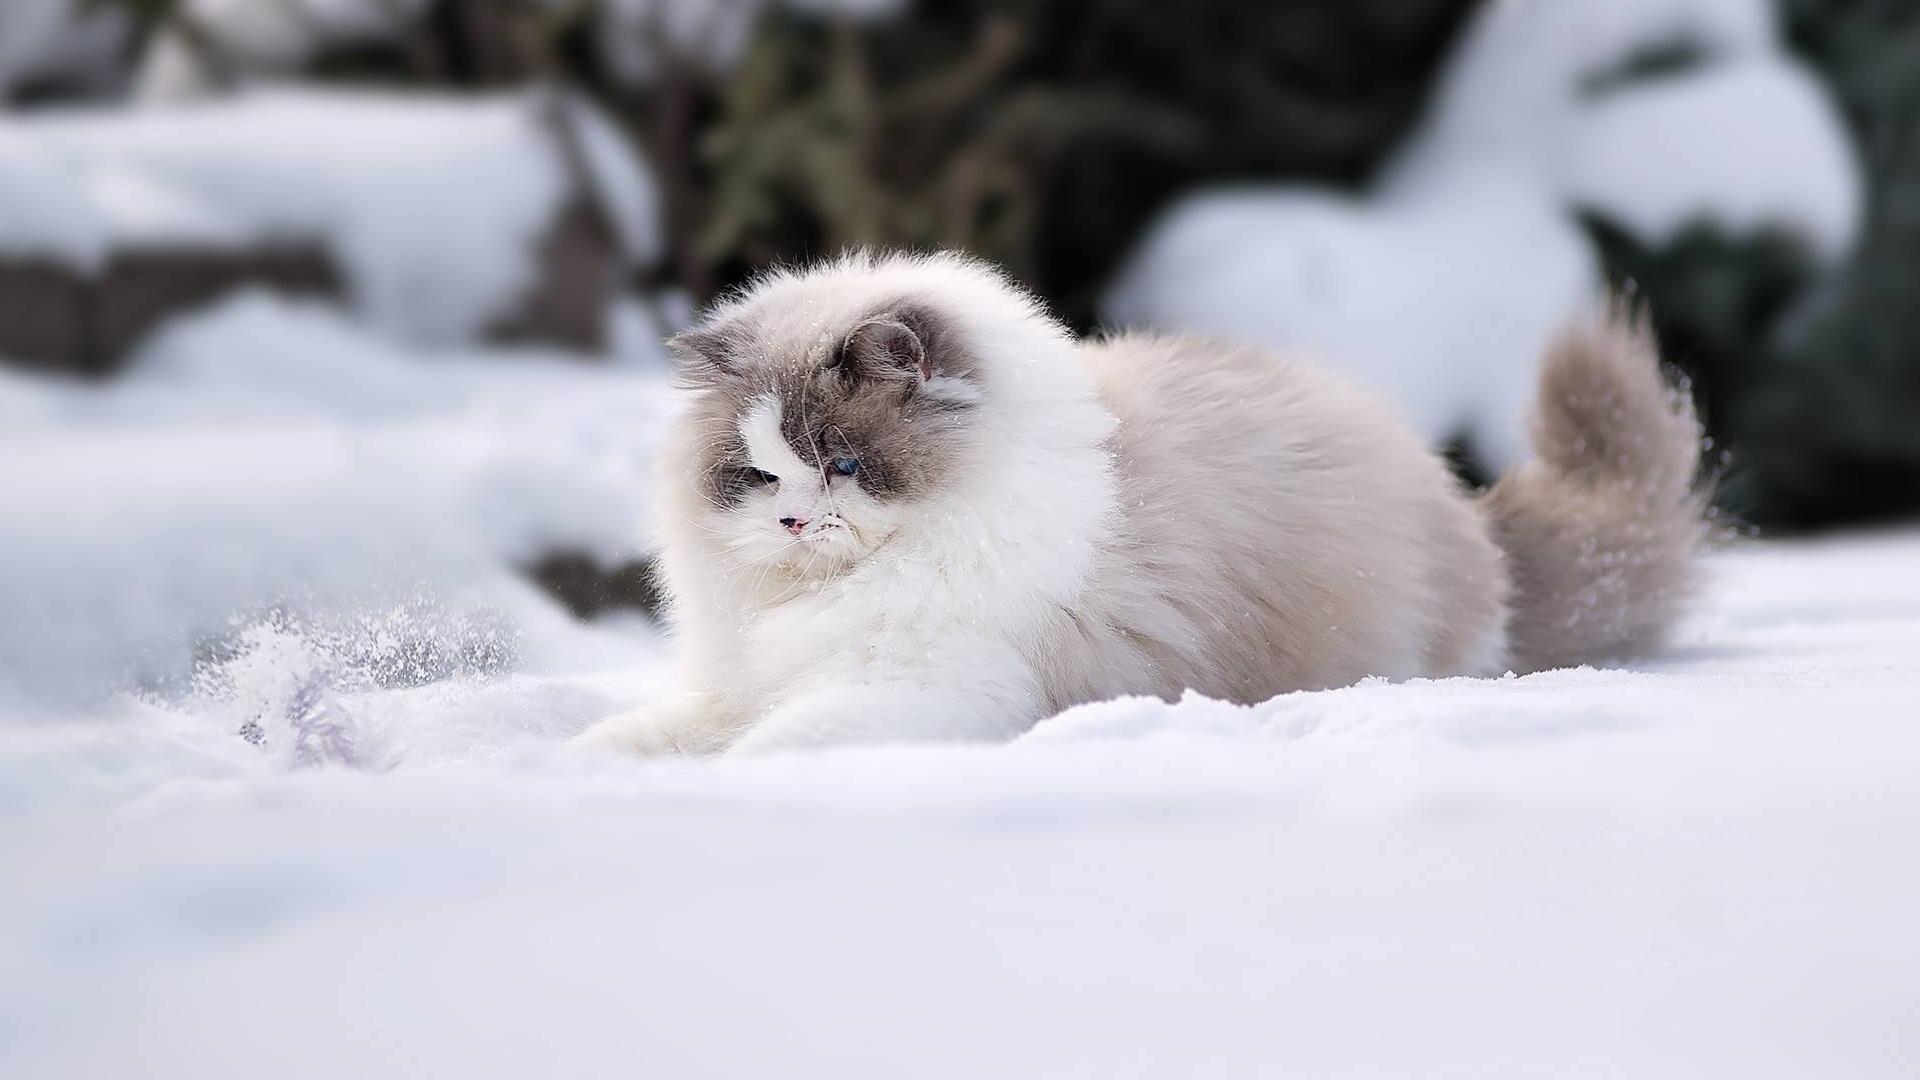 картинки коты в снегу на рабочий стол длиться, цвести полниться